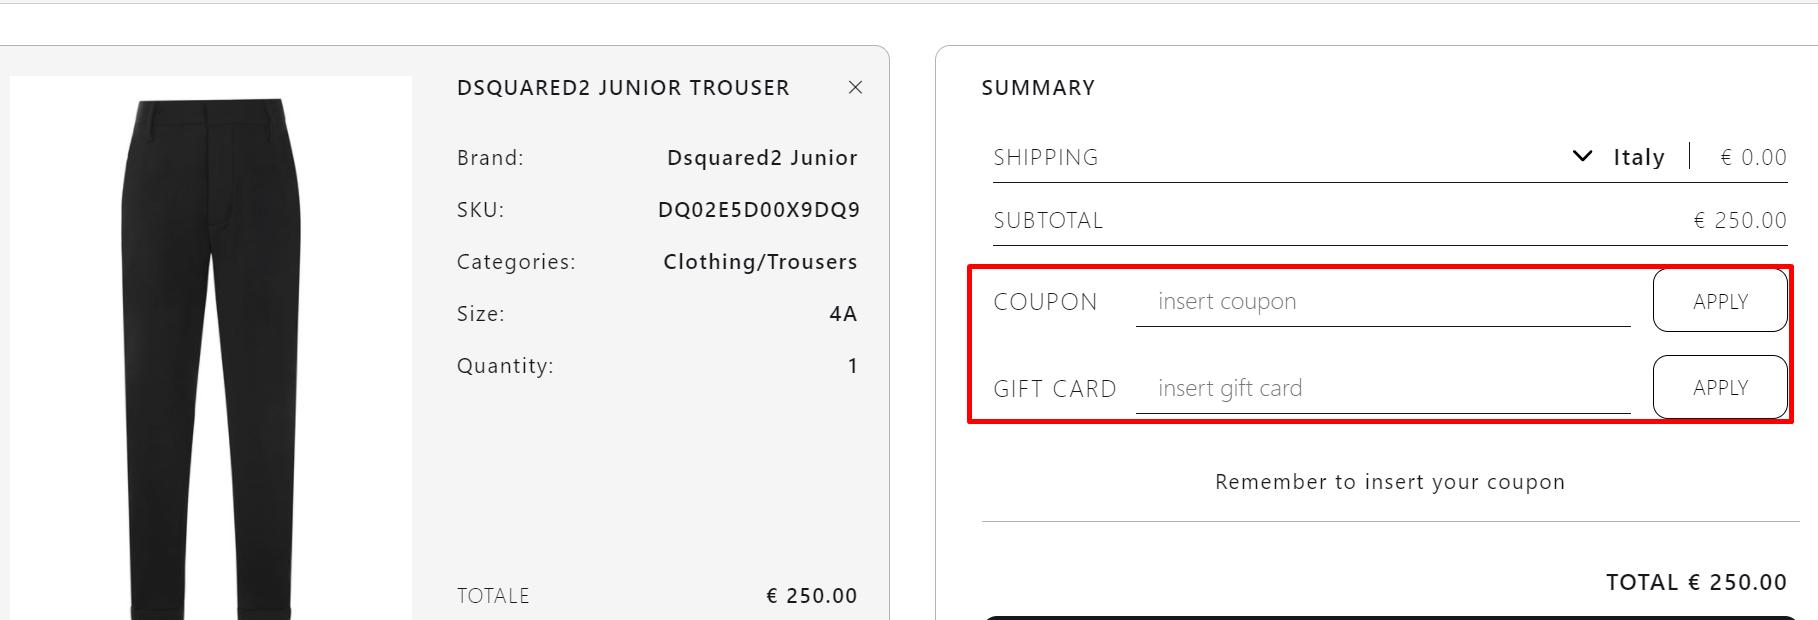 How do I use my Michele Franzese Moda coupon code?